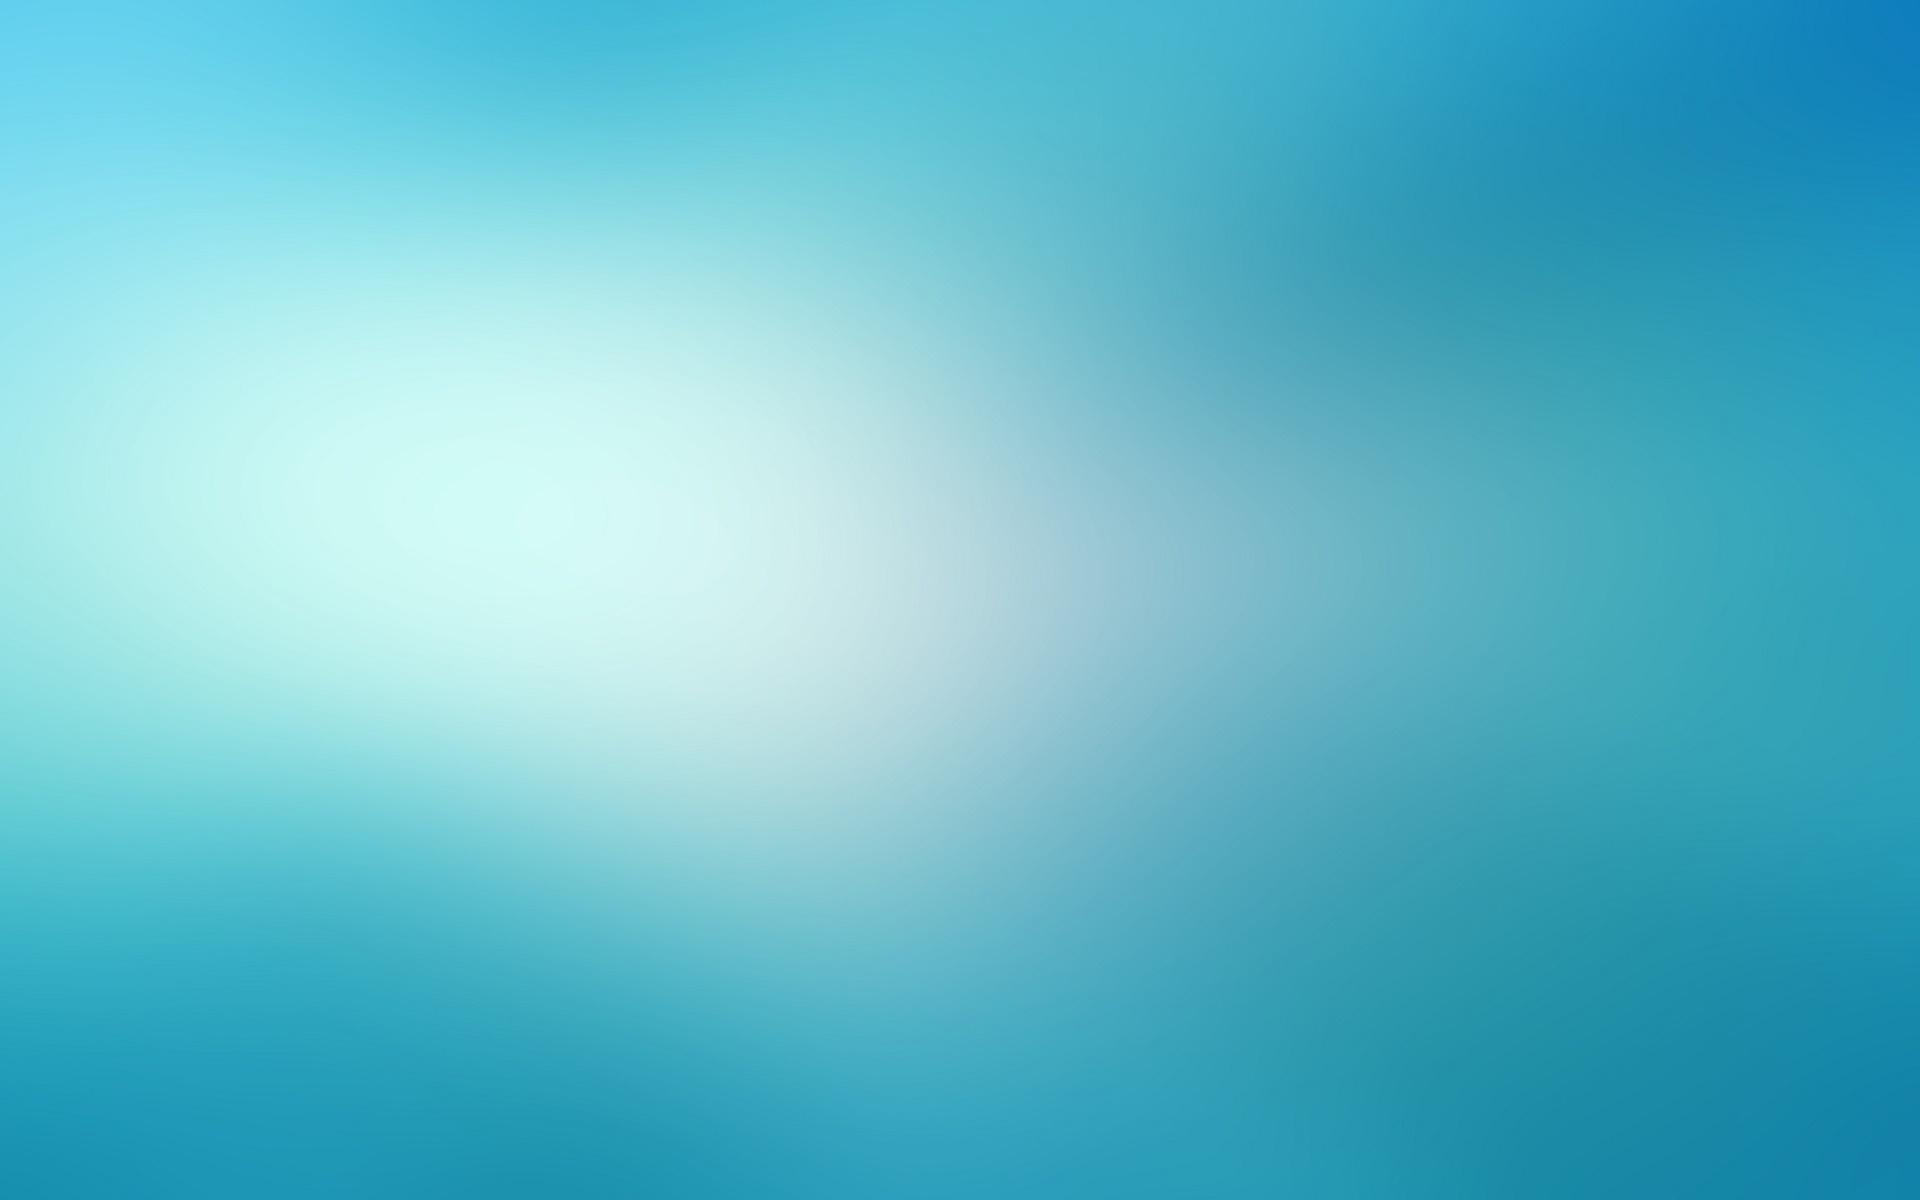 Fondo De Pantalla 1920x1200 Id: Azul Fondo De Pantalla HD